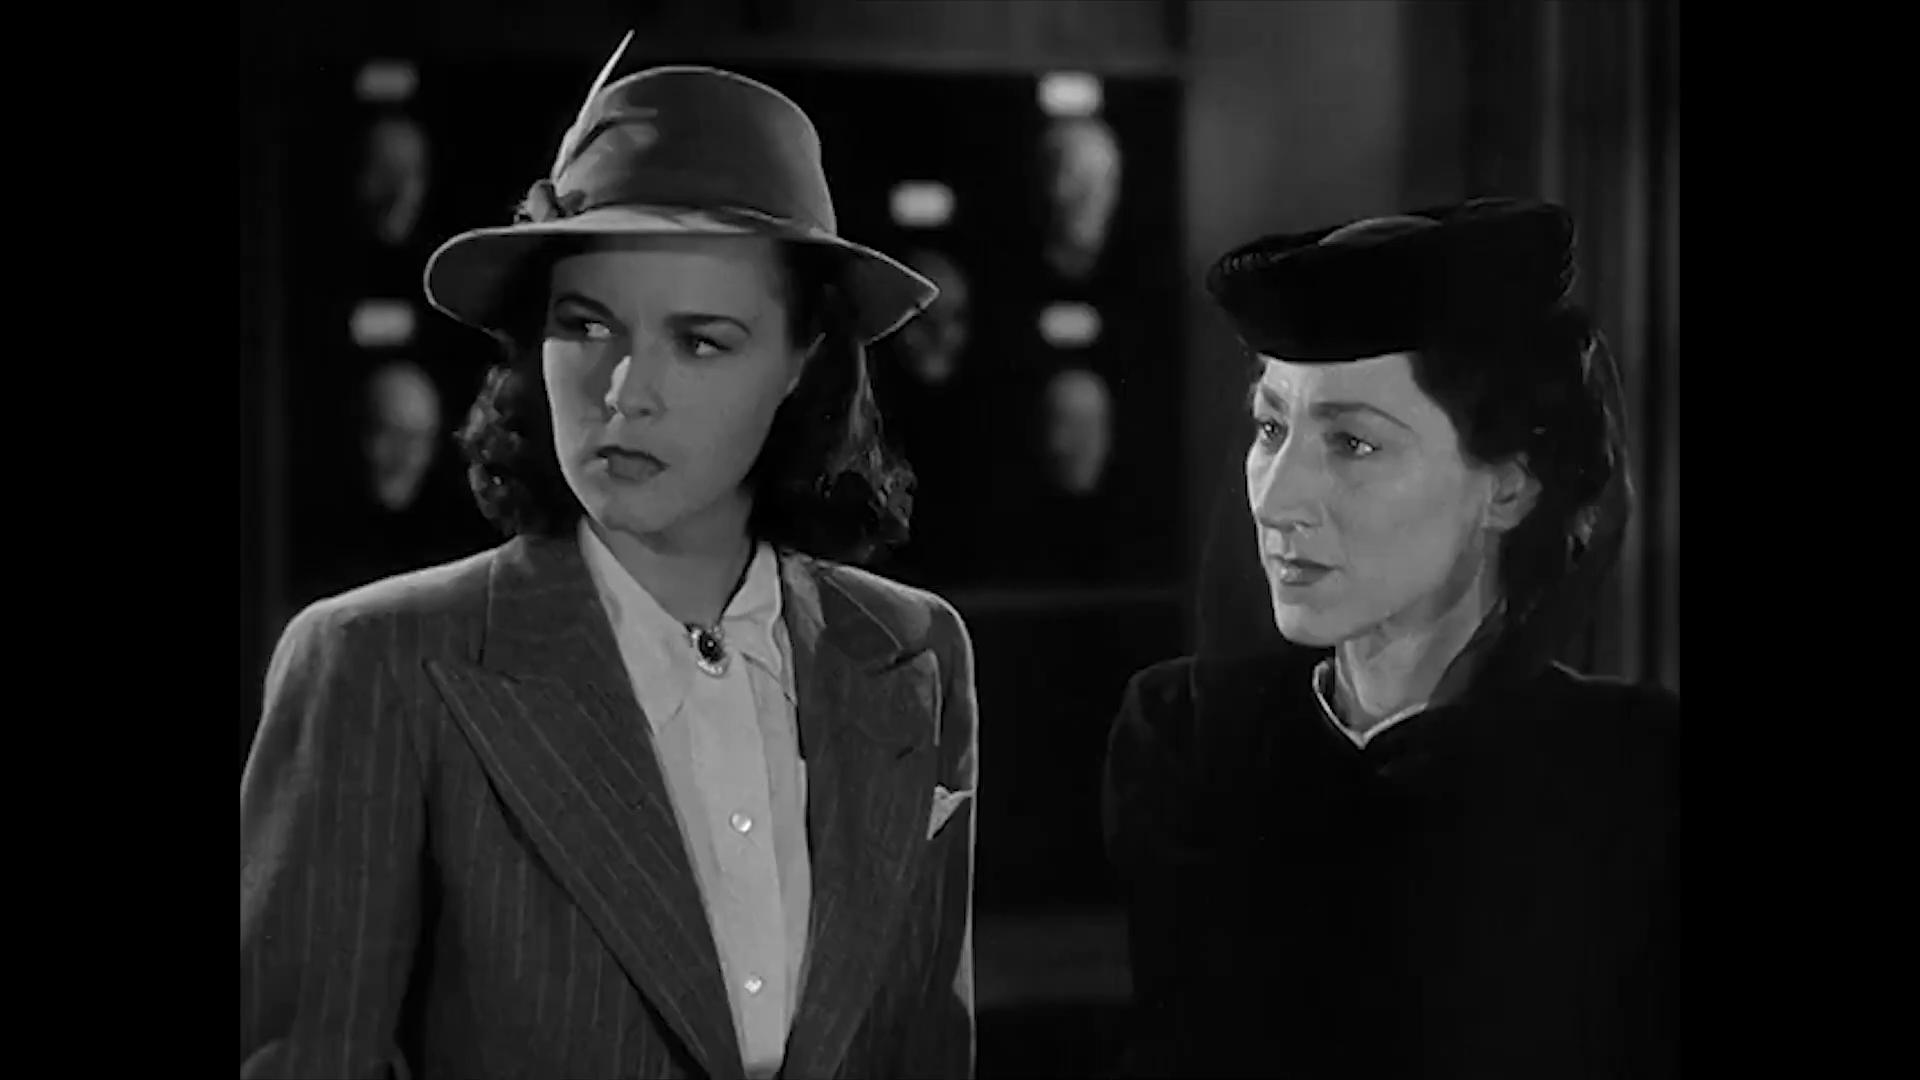 Marguerite Chapman et Hilda Vaughn dans Charlie Chan at the Wax museum (1940) de Lynn Shores